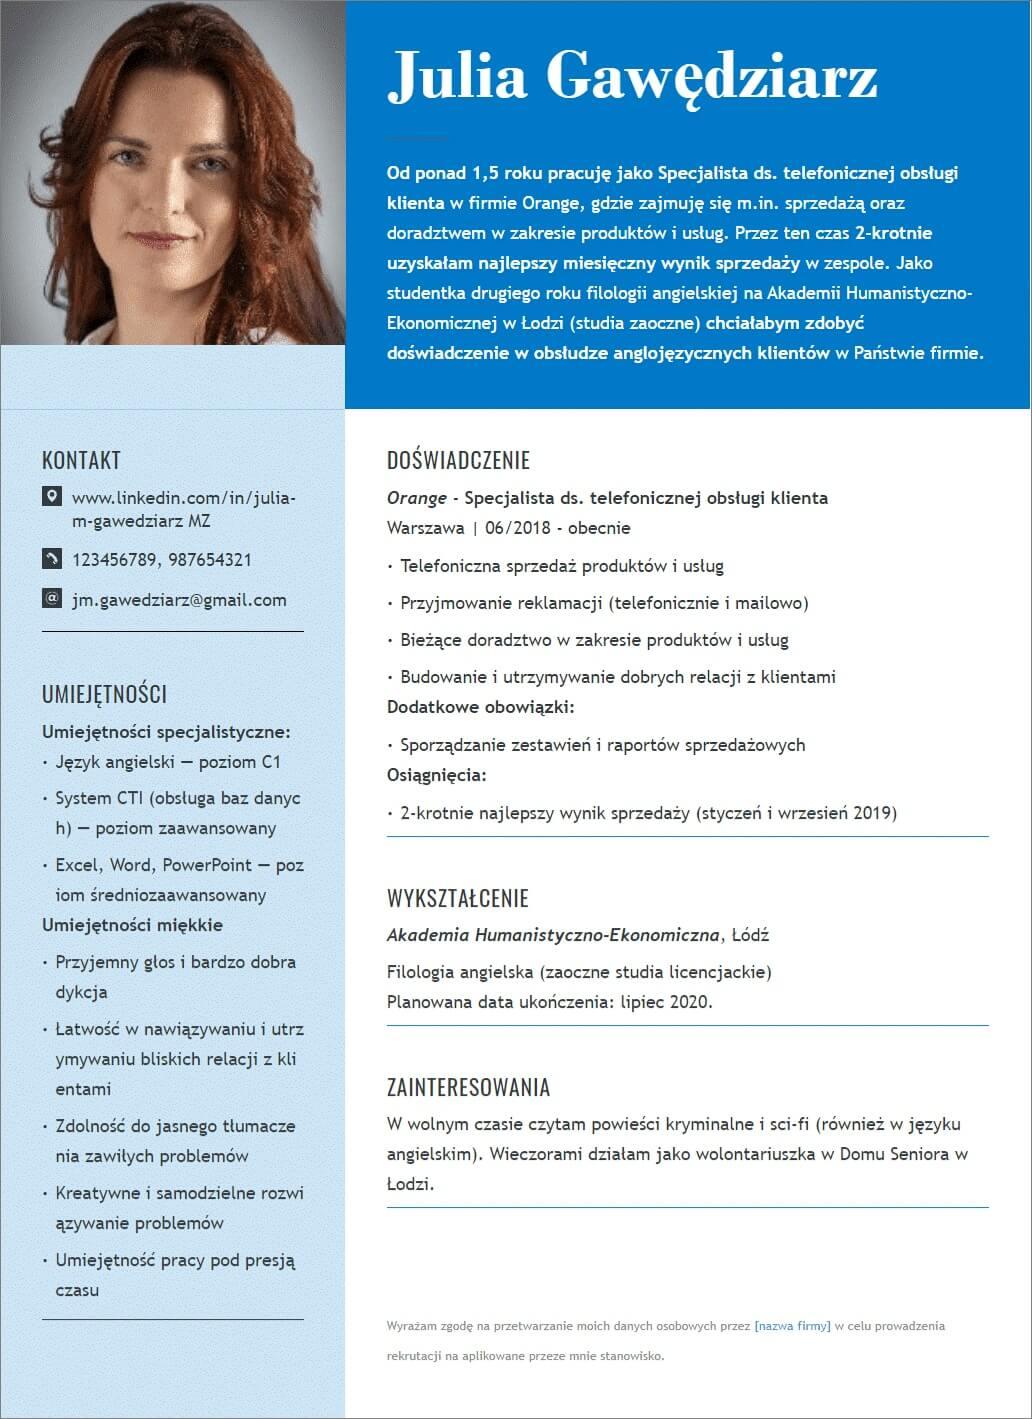 jak powinno wyglądać CV